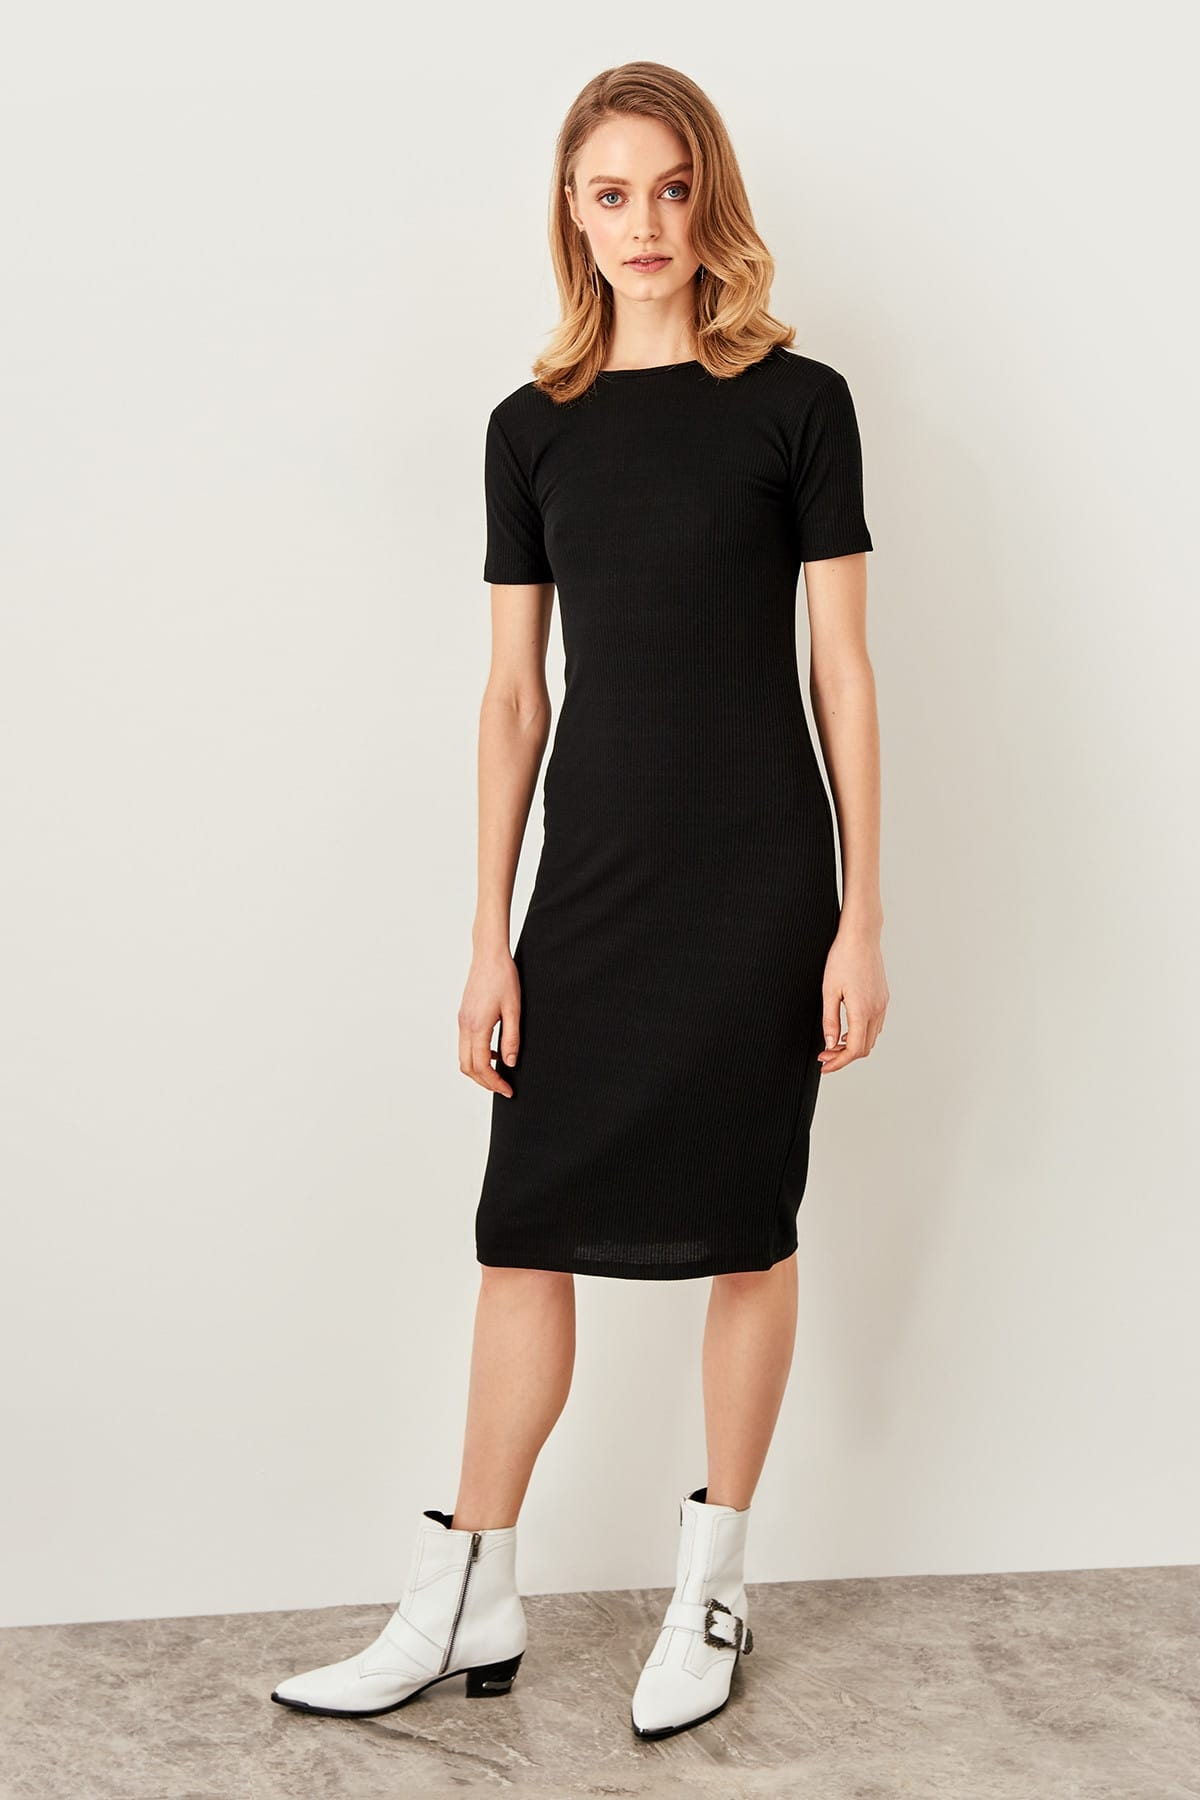 Trendyol dámske šaty